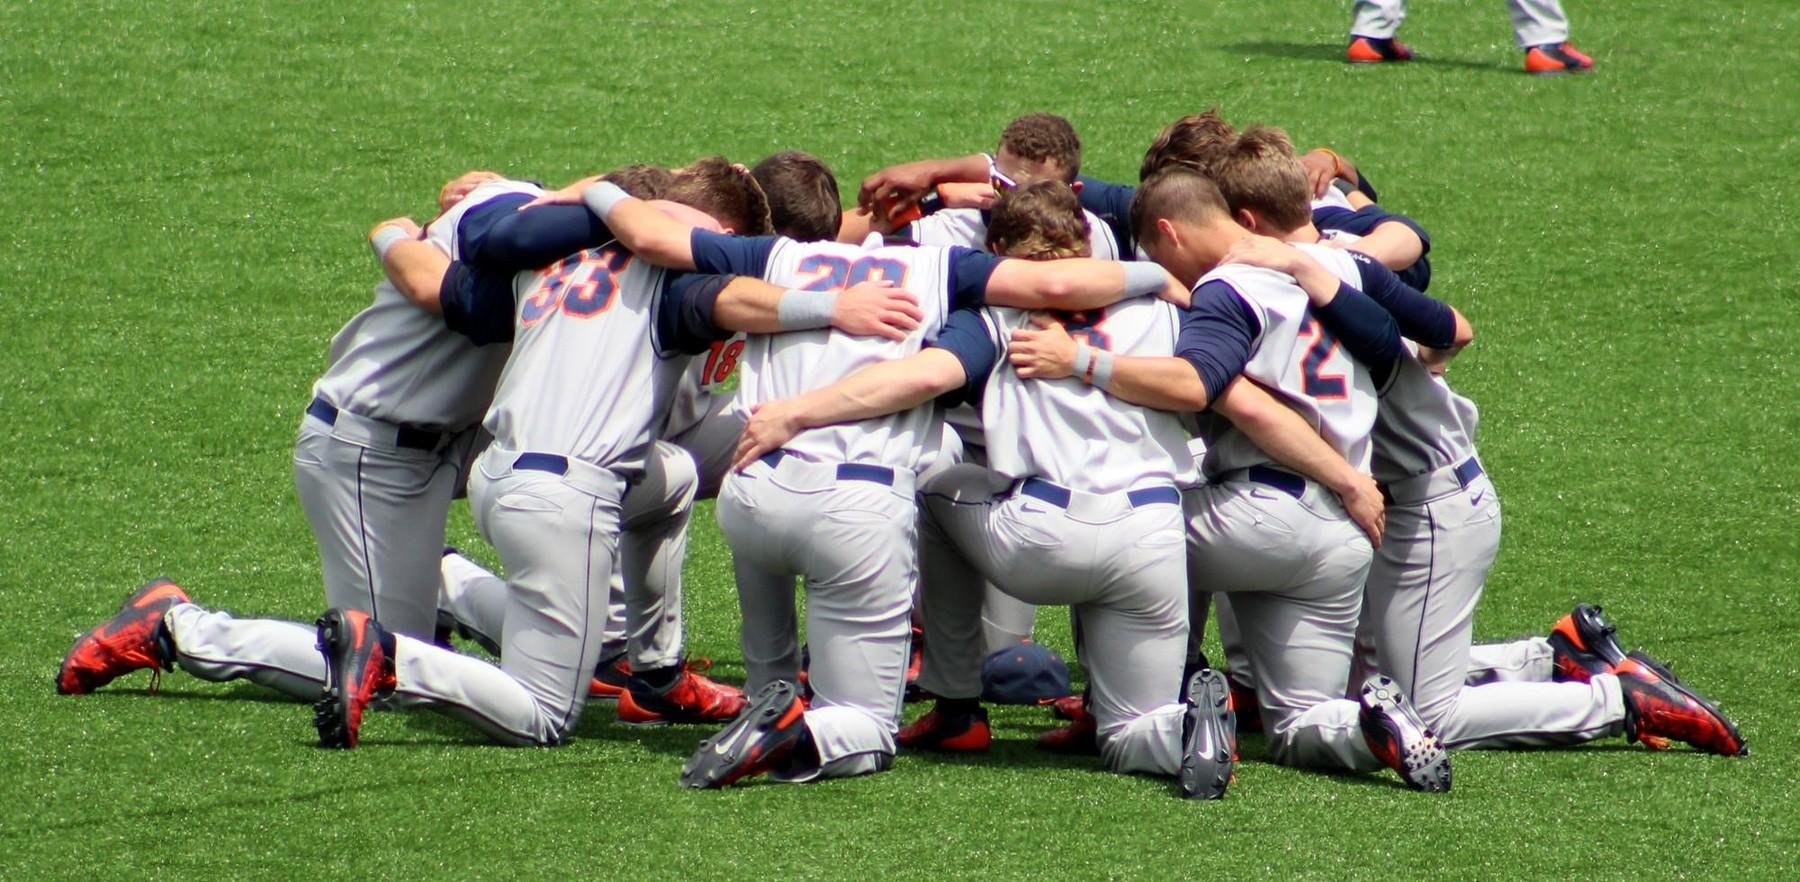 Illini baseball team members huddle on their knees